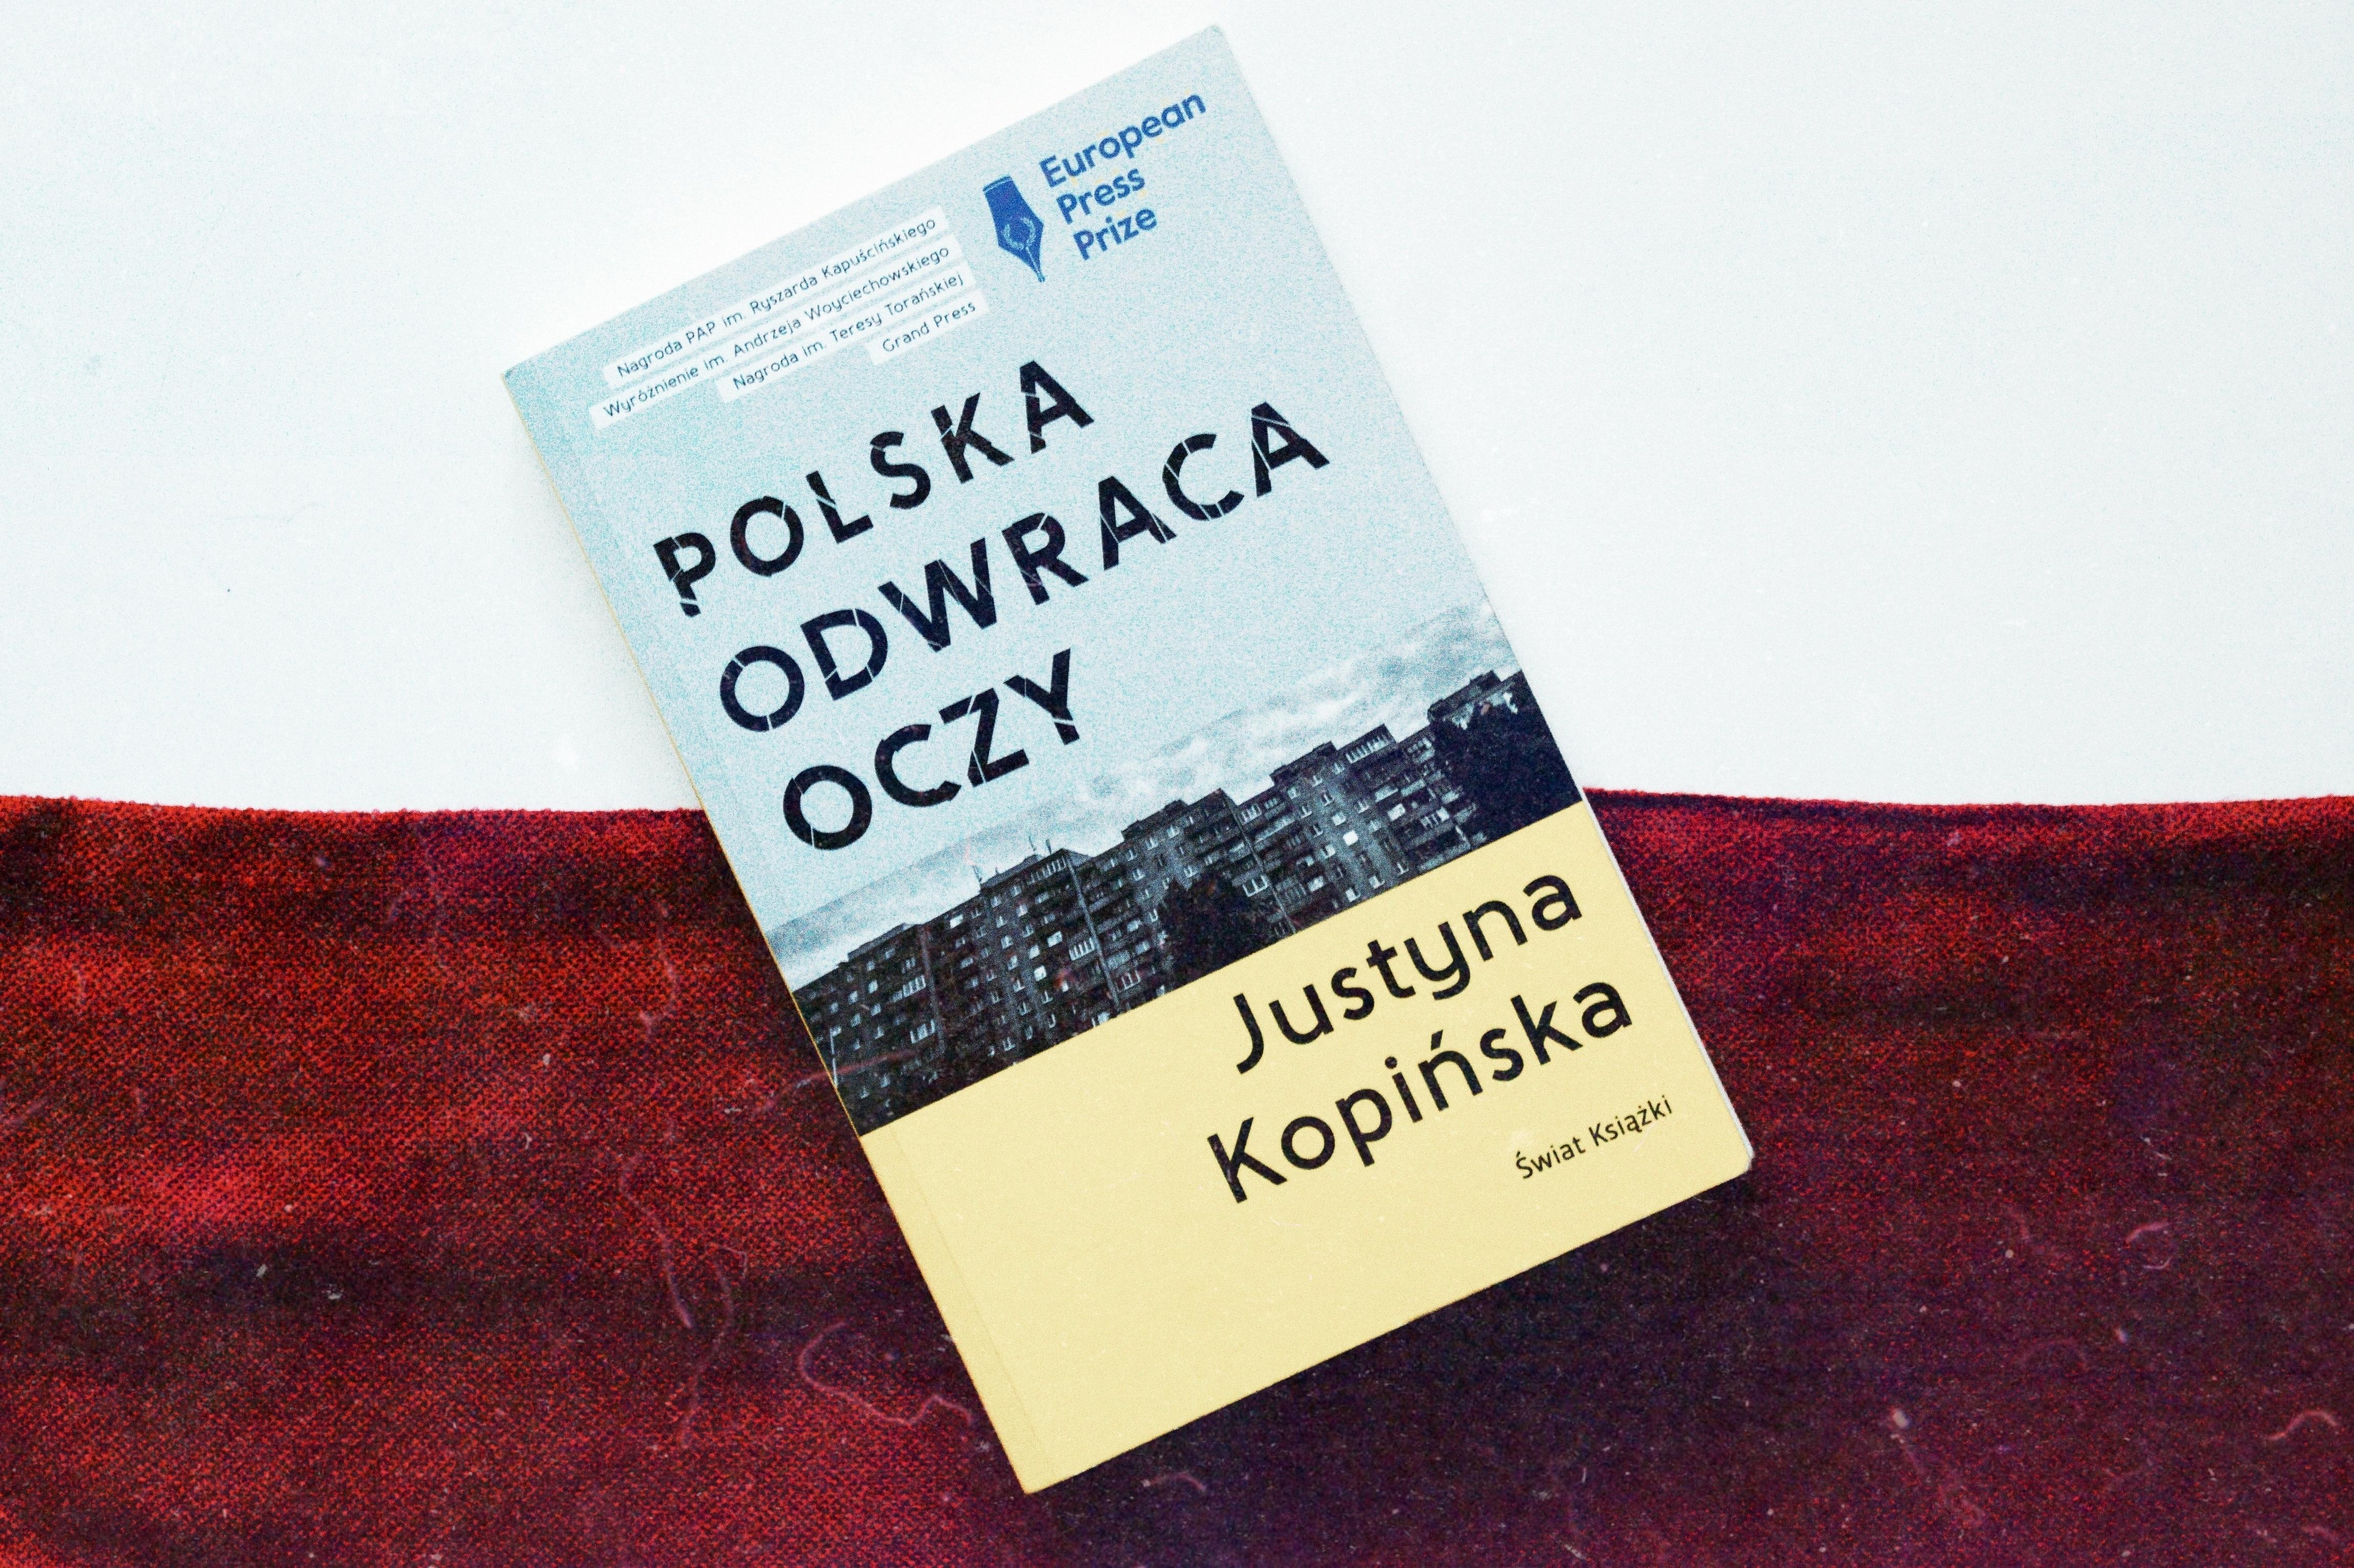 polska odwraca oczy justyna kopińska